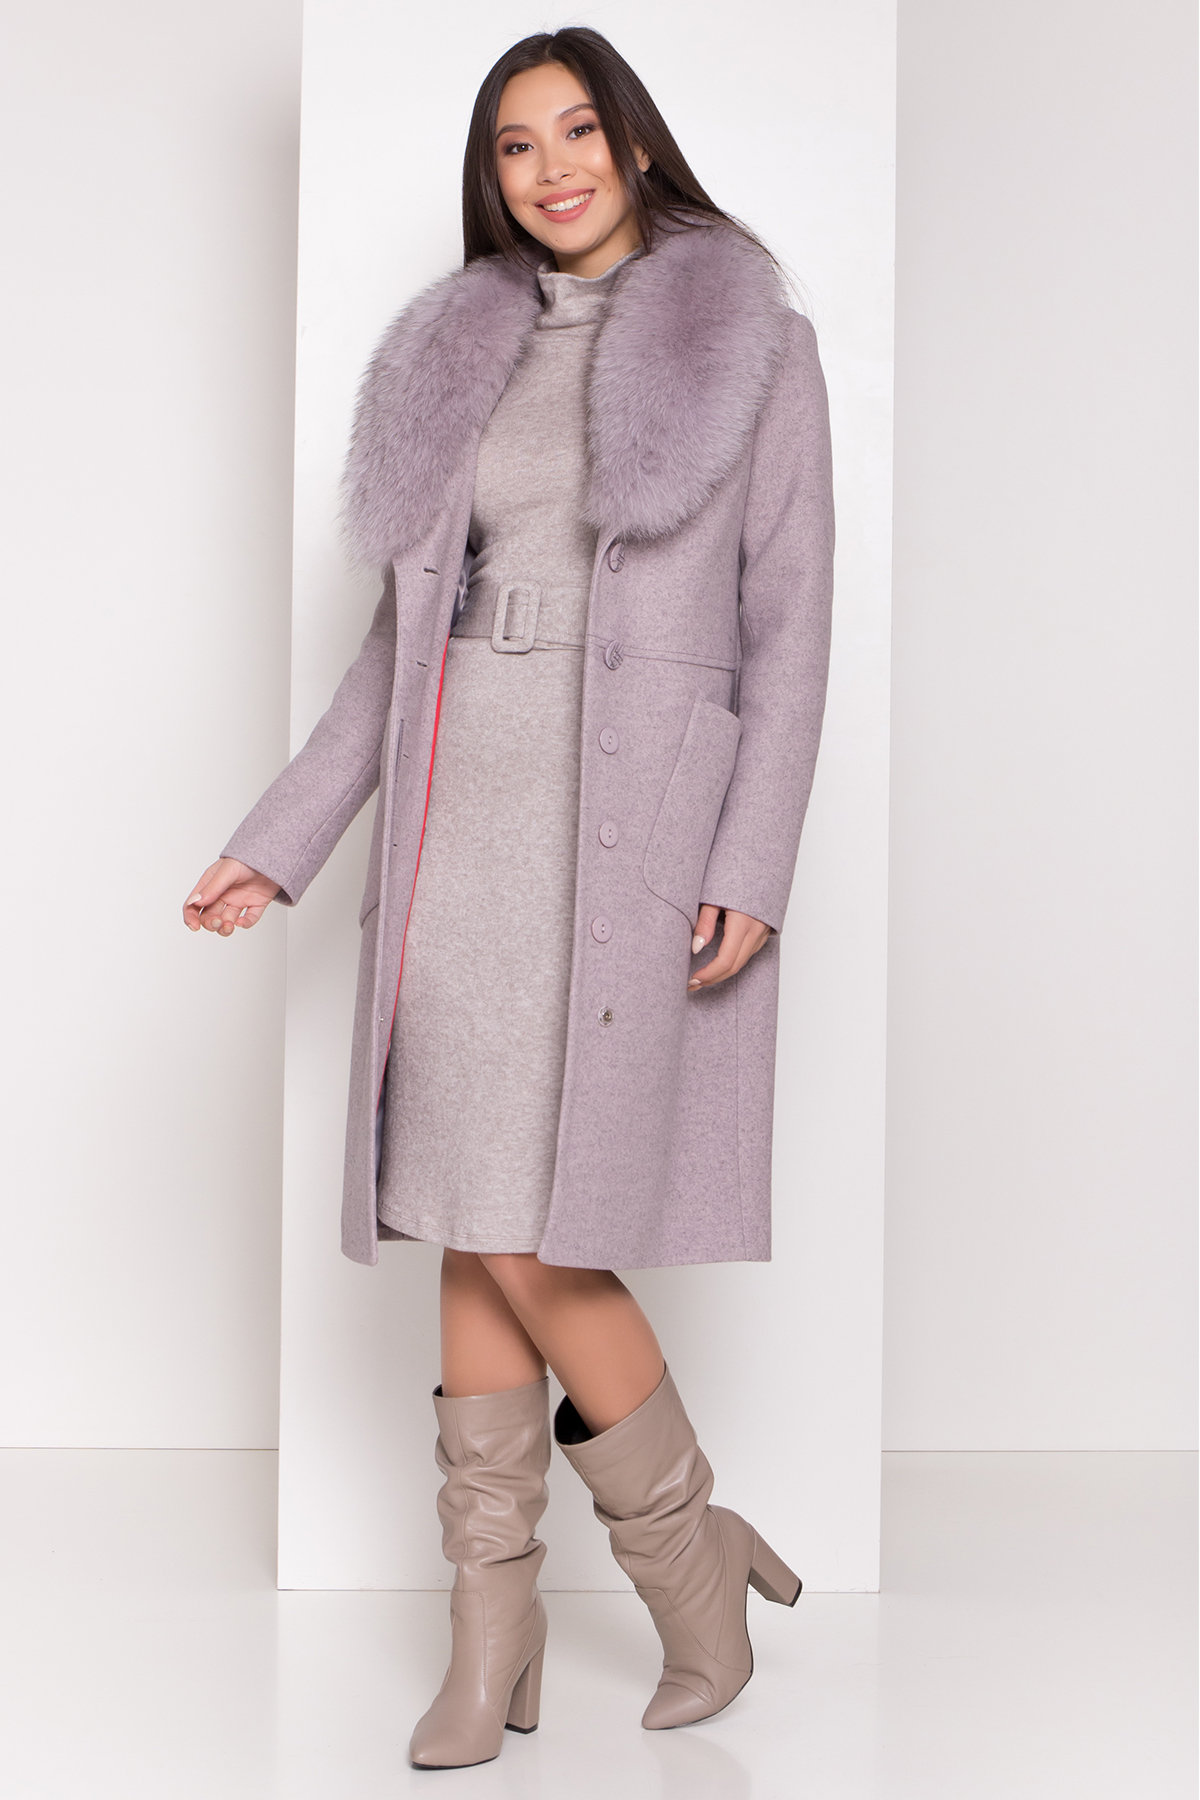 Пальто зима Габриэлла 8388 Цвет: Серо-розовый 46